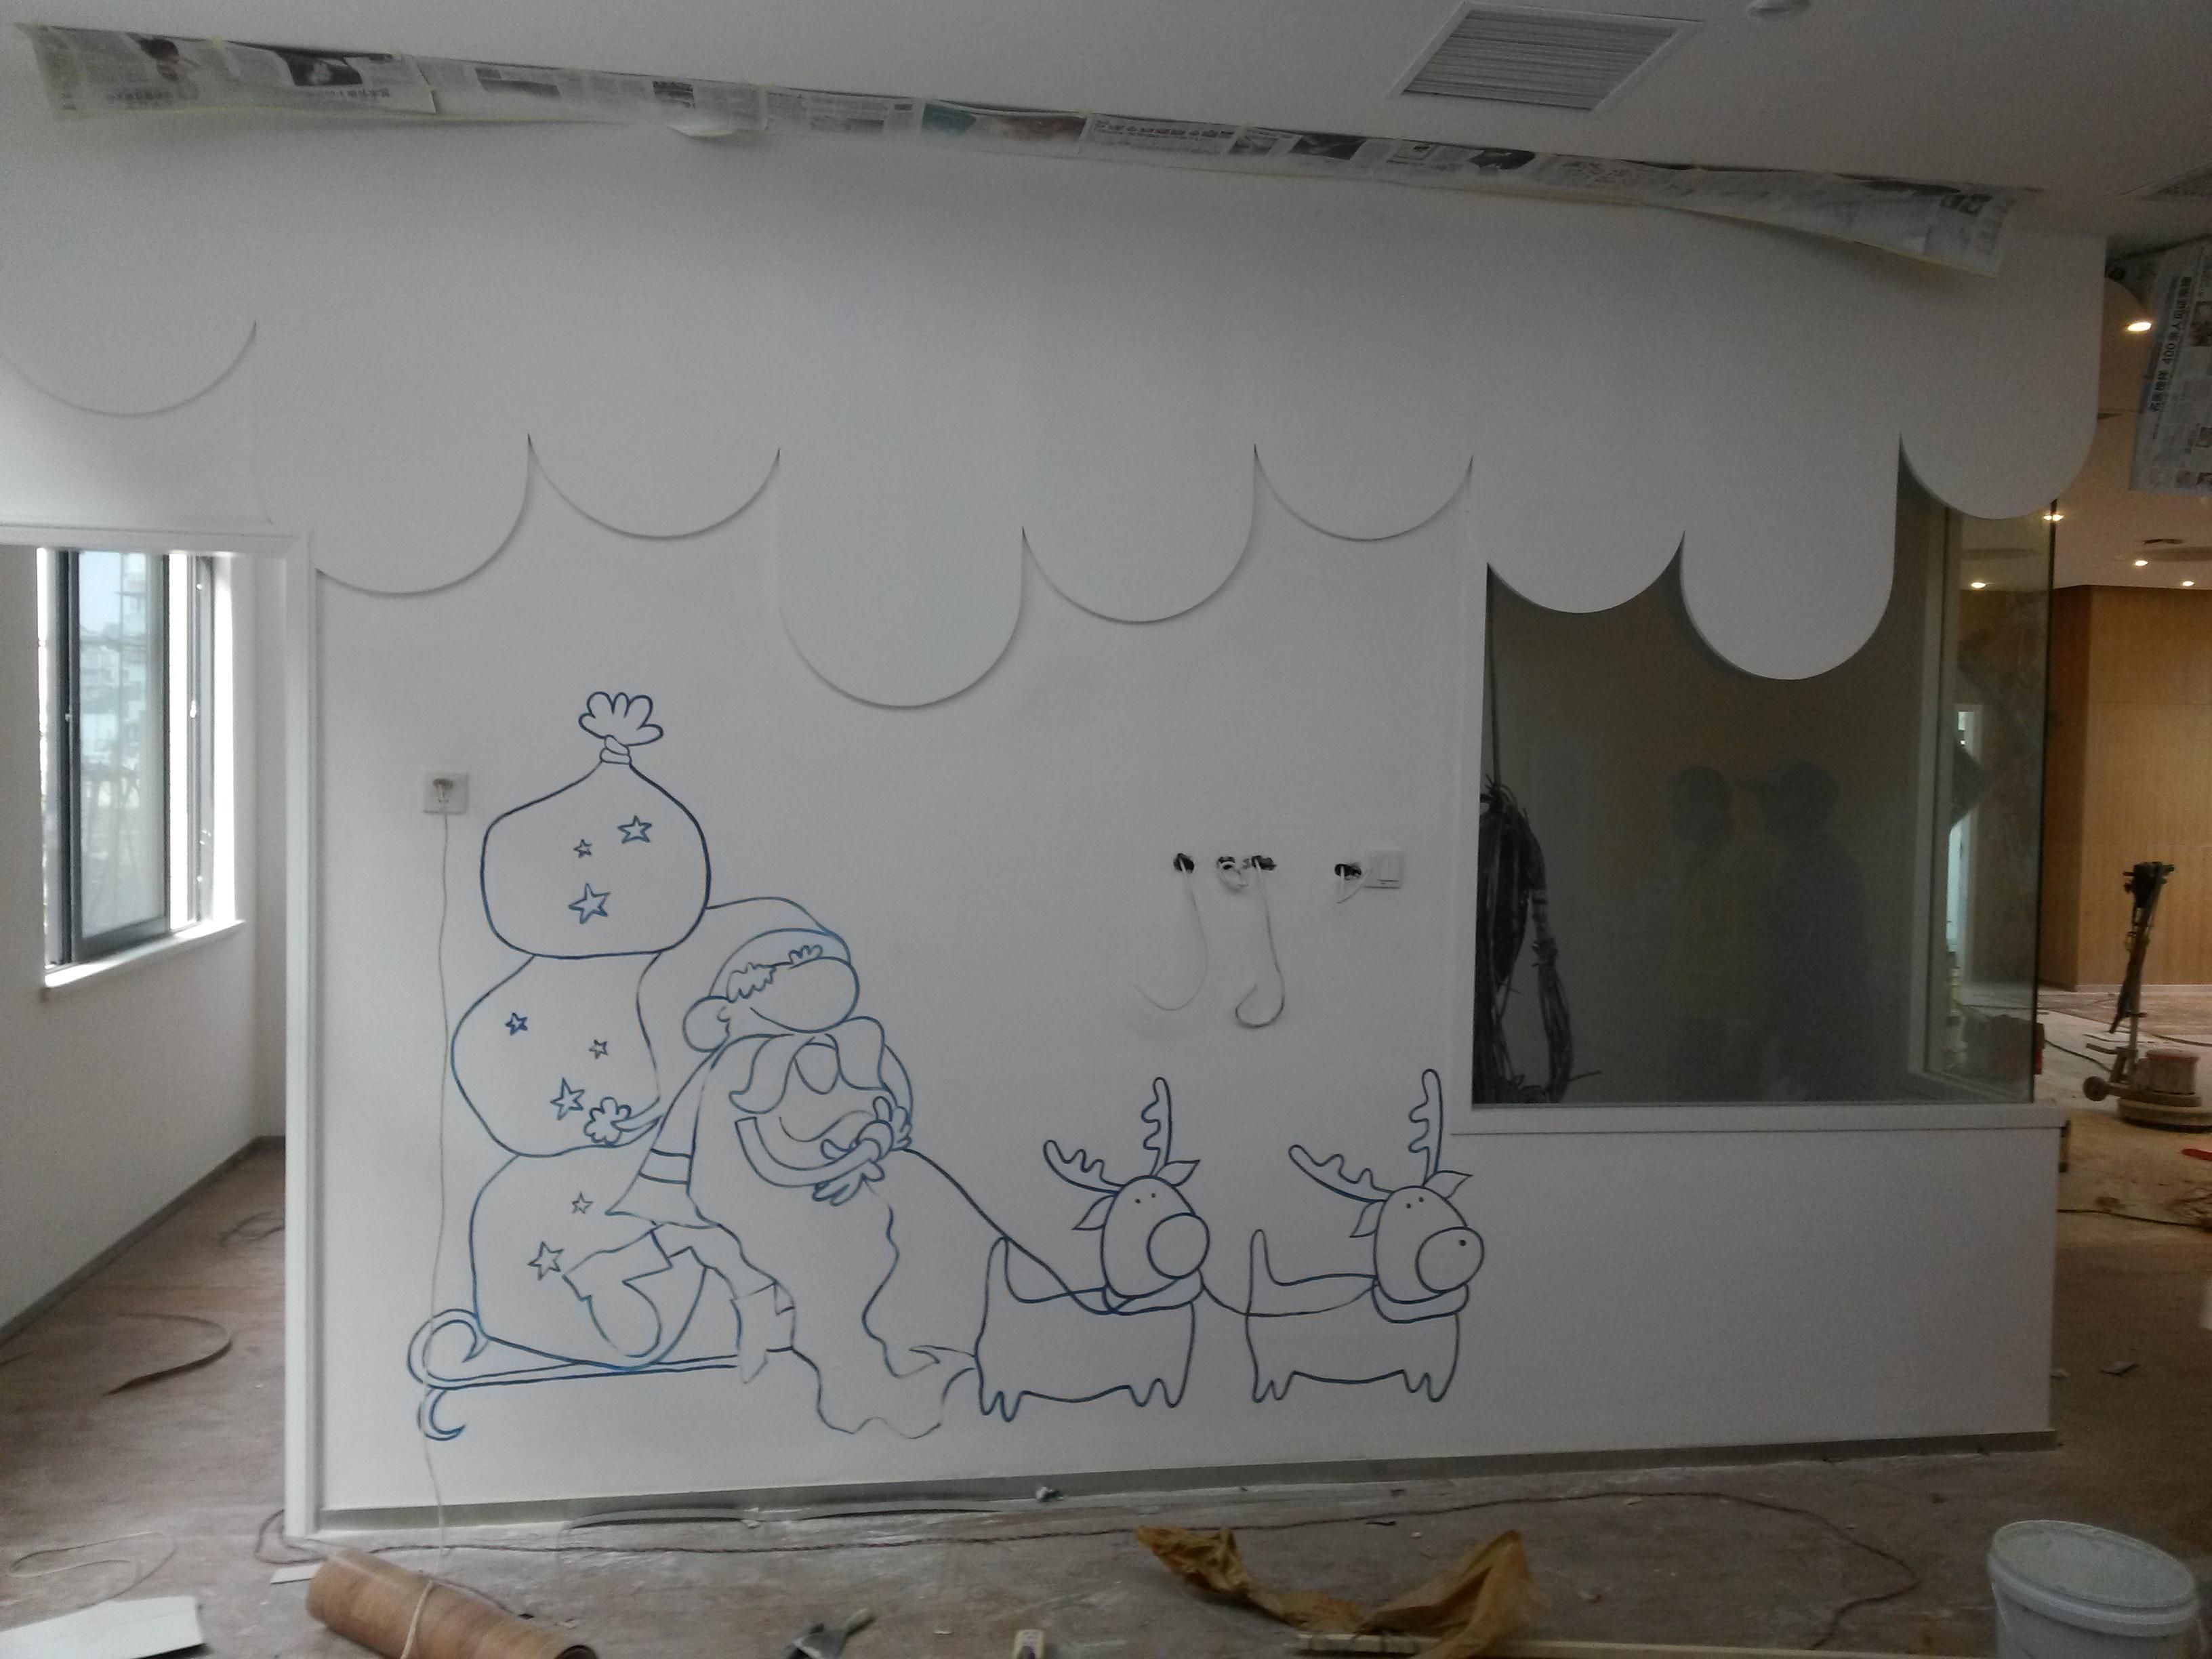 成都3d立体画墙绘 - 四川成都金鱼草墙绘公司专注